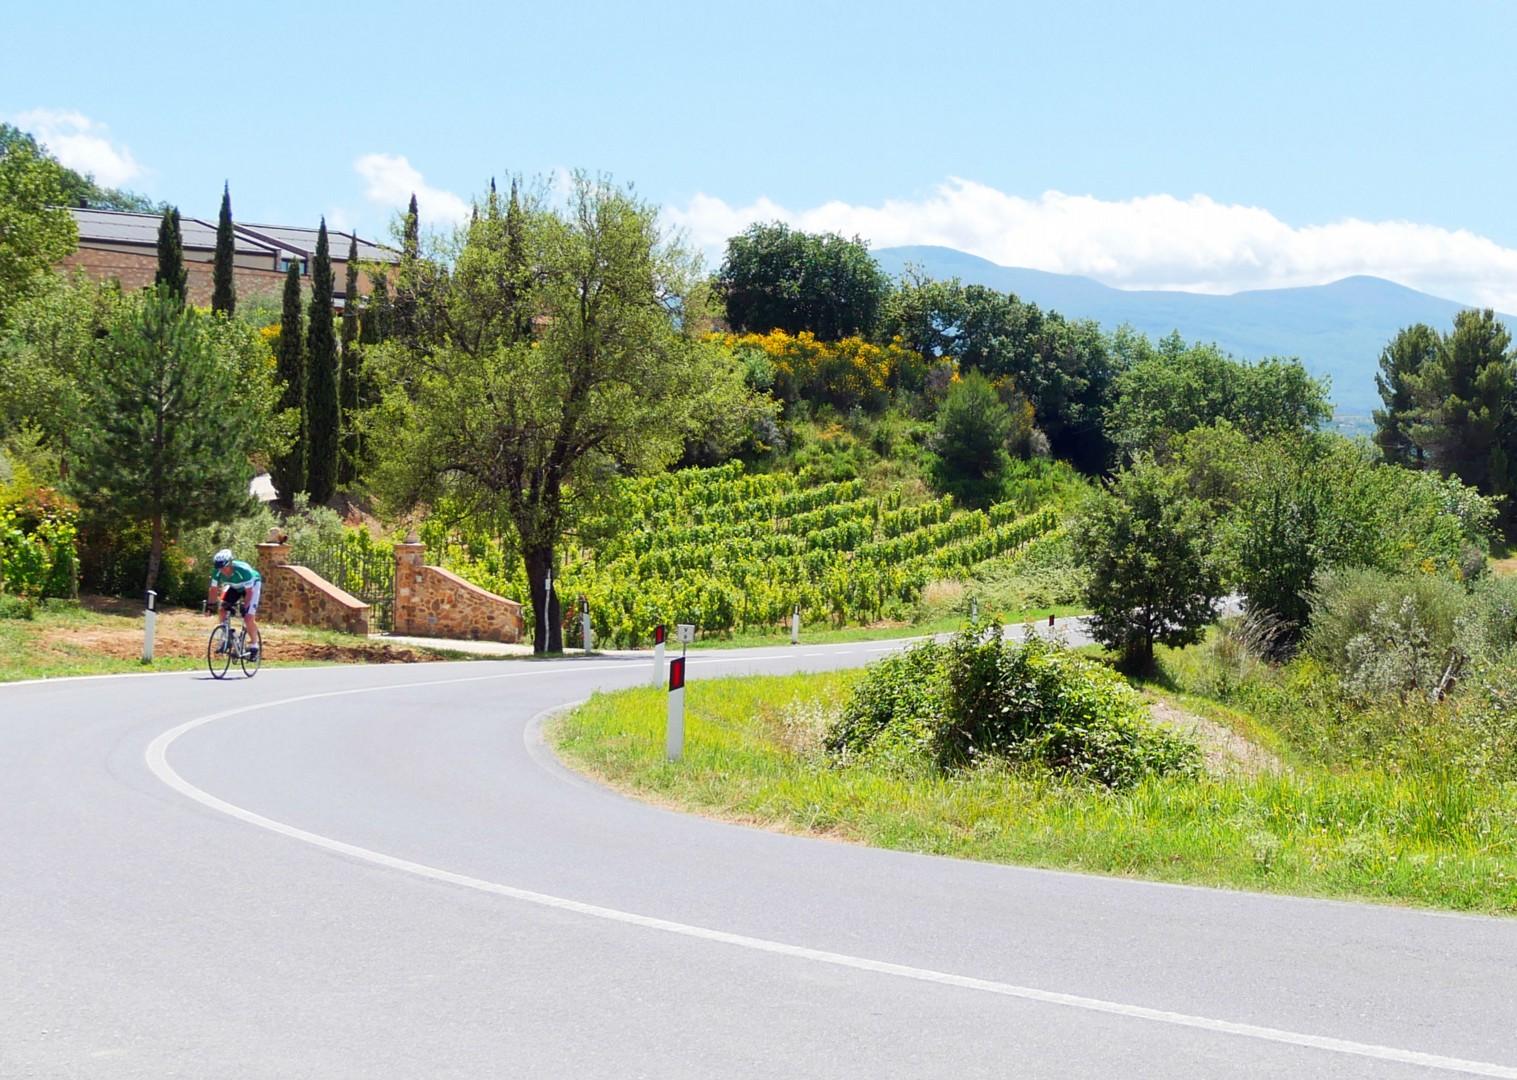 italy-tuscany-cycling-holiday.jpg - Italy - Tuscany Tourer - Guided Road Cycling Holiday - Road Cycling